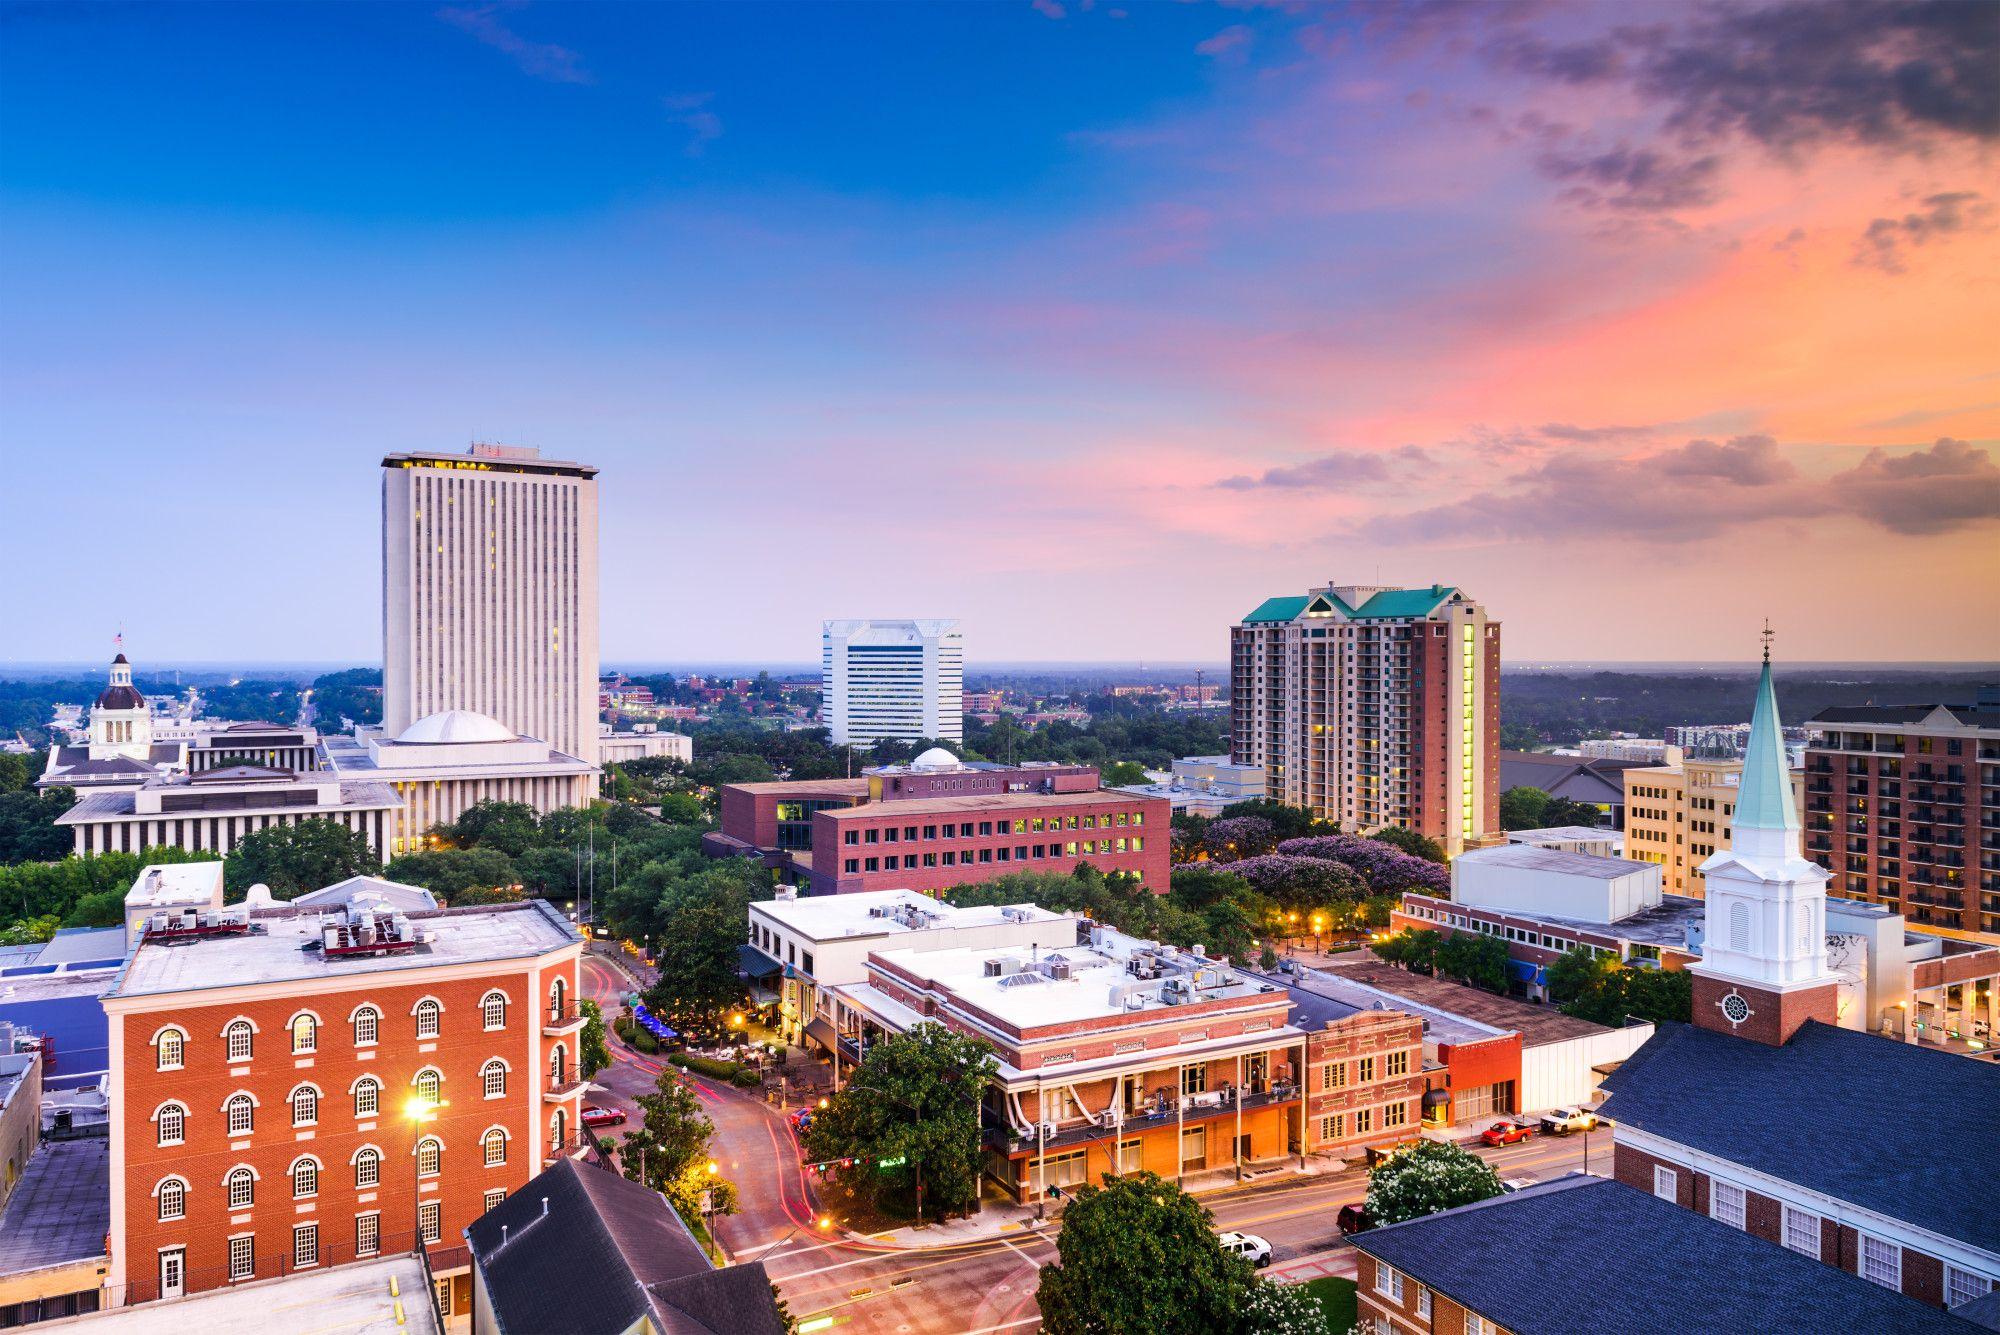 9 Fun Things to Do in Tallahassee Florida | Beautiful ...